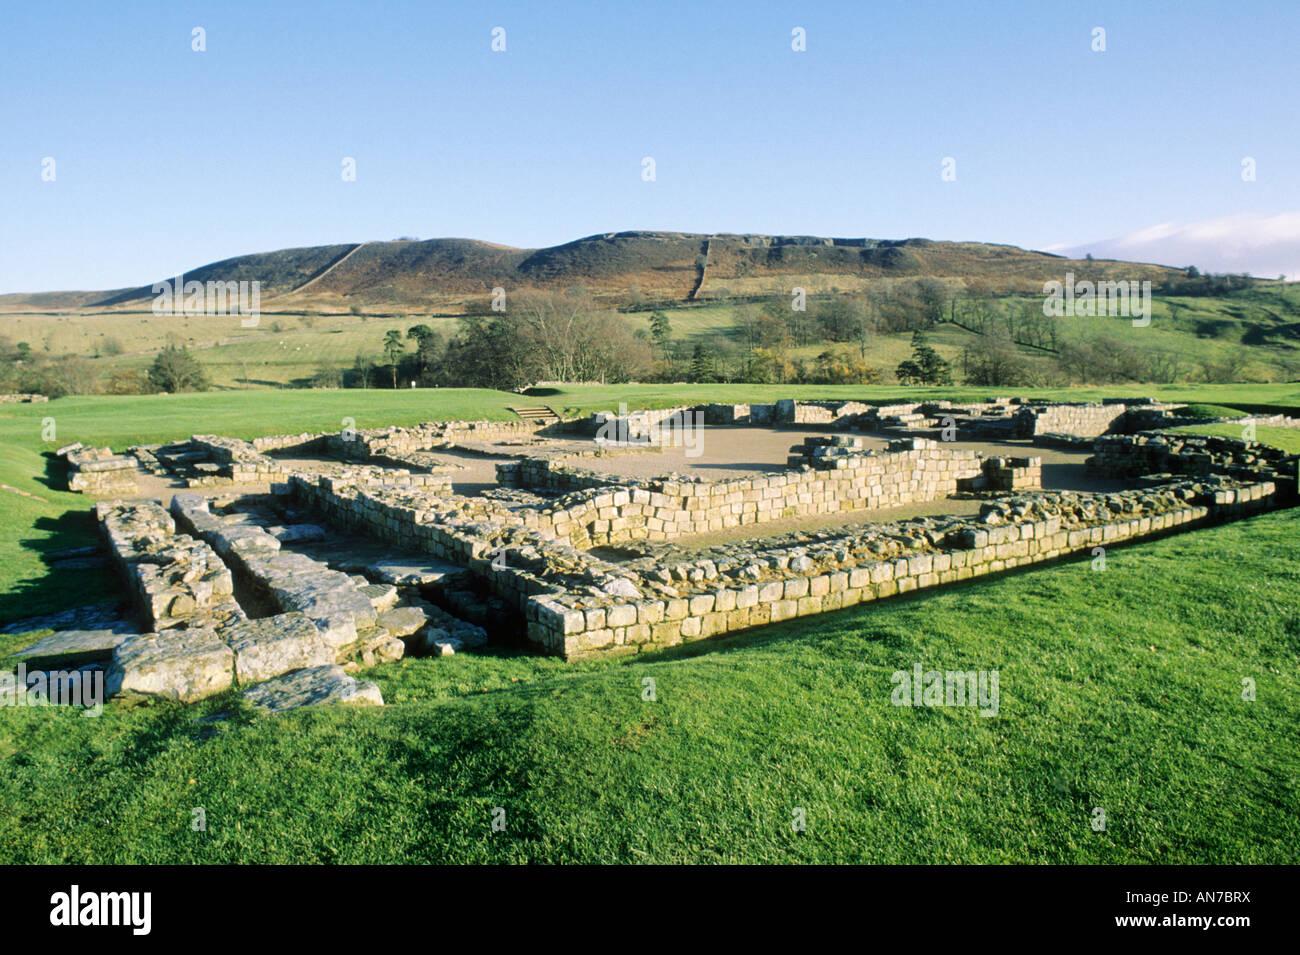 06544e9b68fb9 Vindolanda Northumberland parete di Adriano rovine Romane resta in inglese  storia Viaggi turismo paesaggio paesaggio Immagini